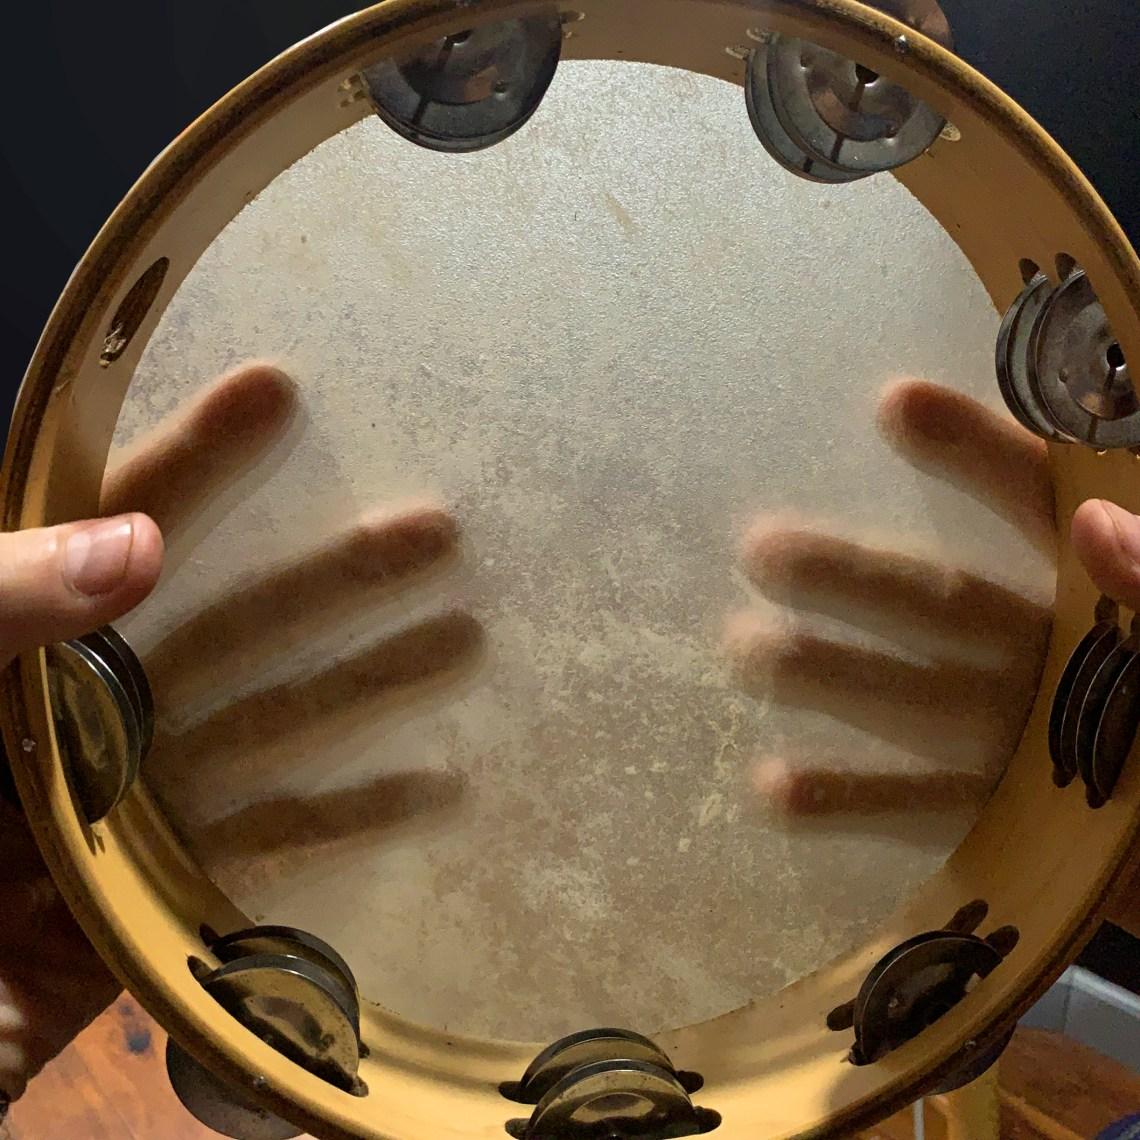 Tambourine